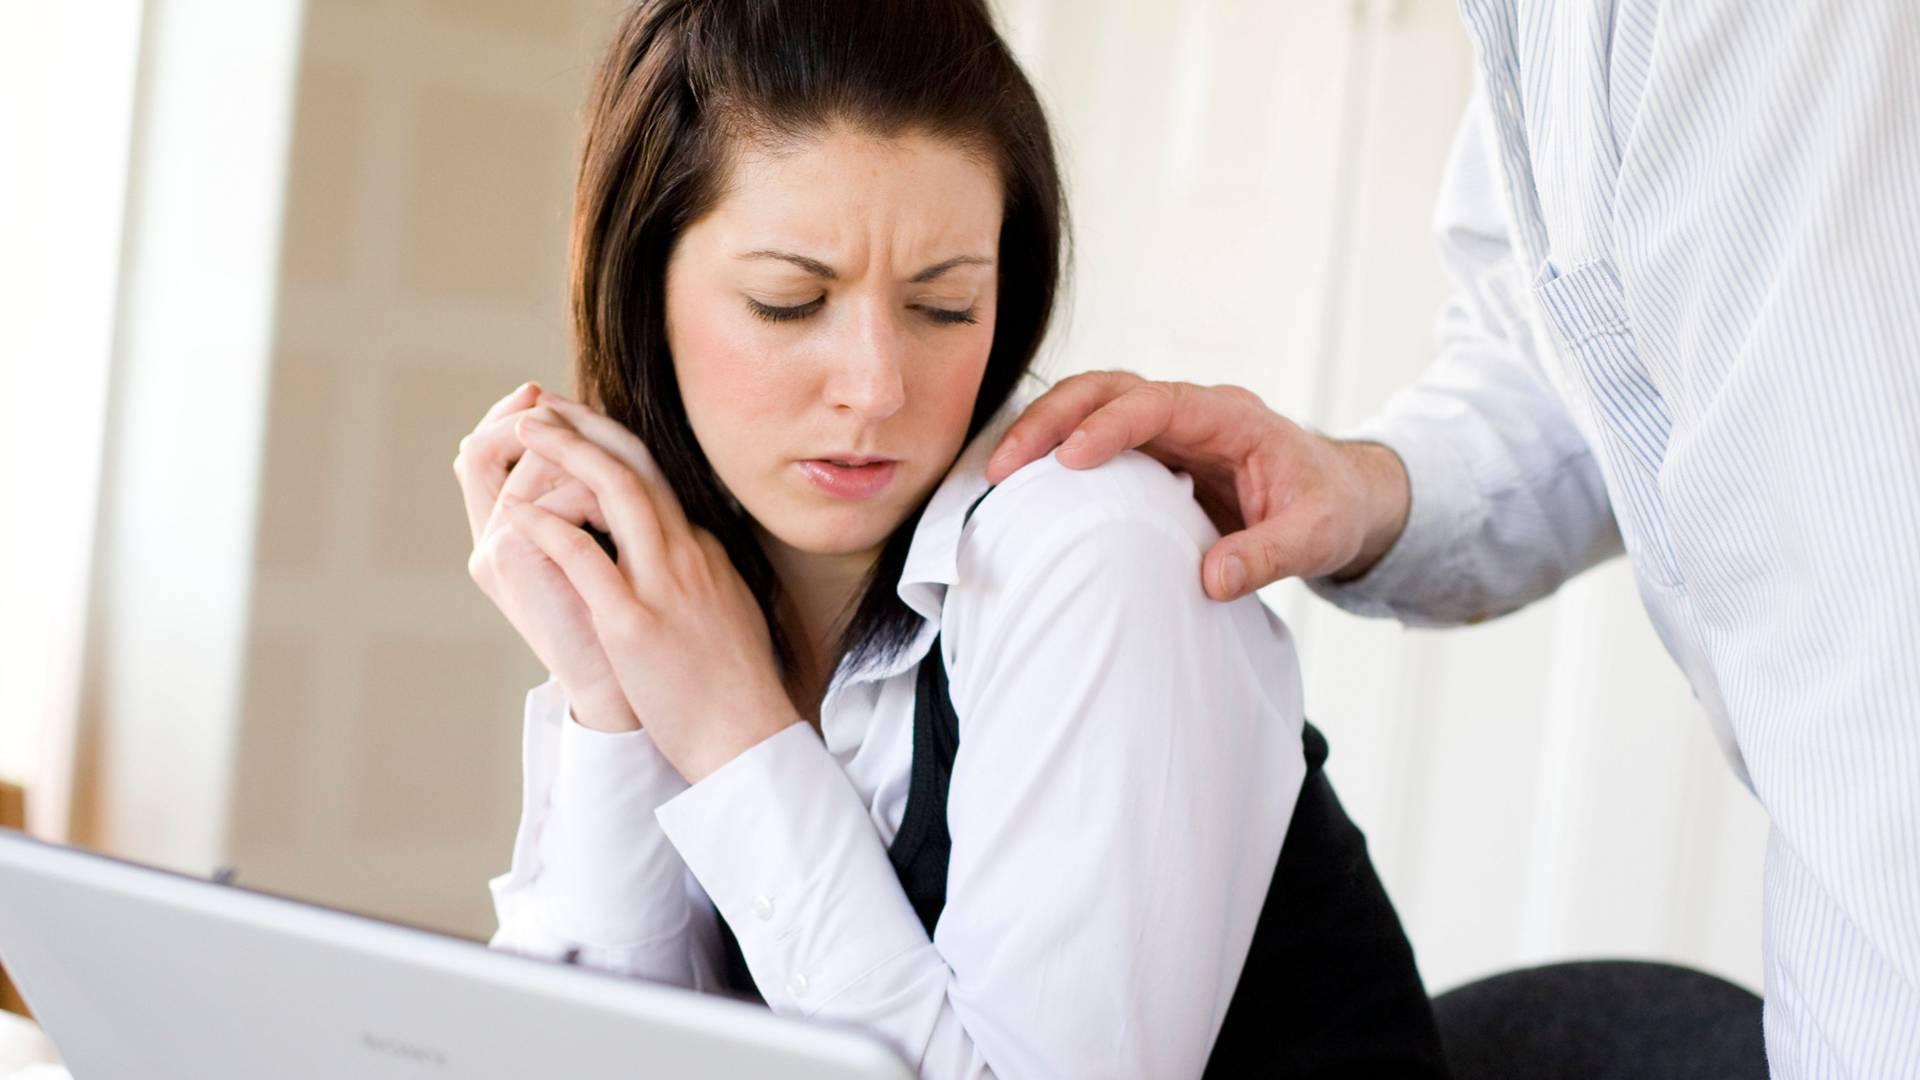 Assédio sexual no local de trabalho